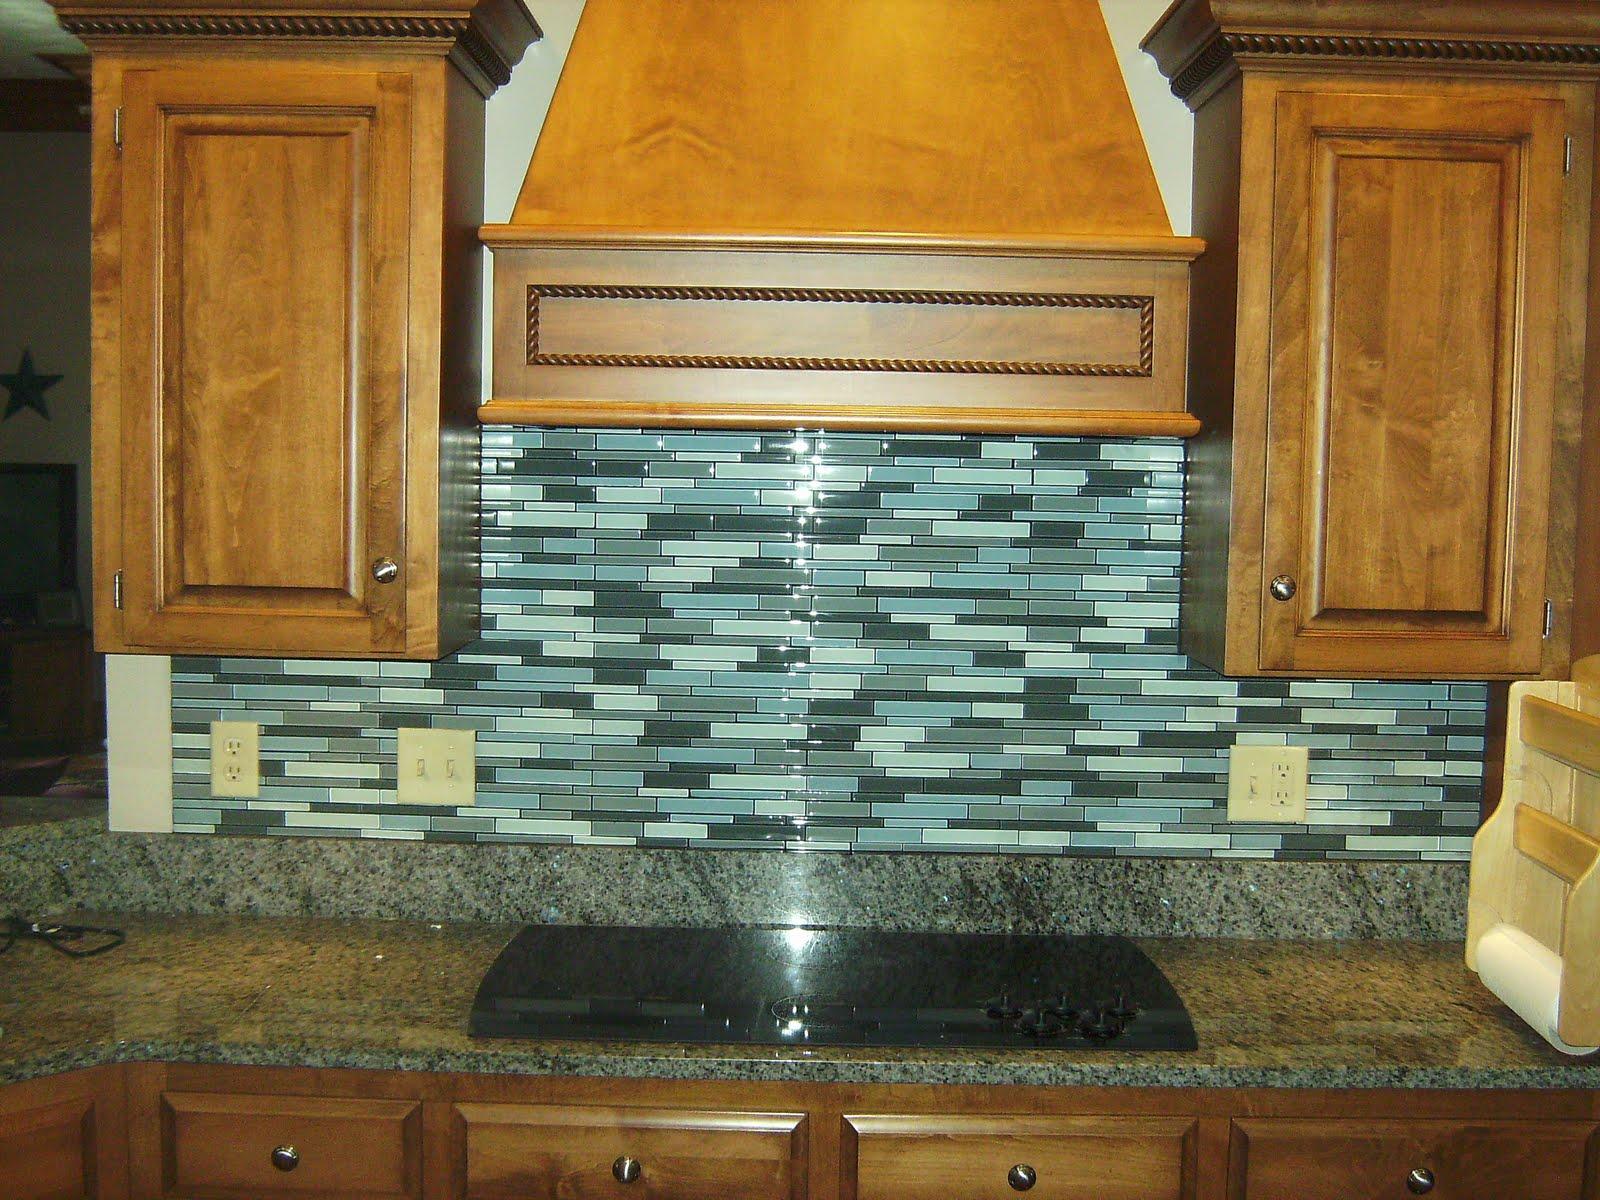 Glass Tile Backsplash Pictures 41